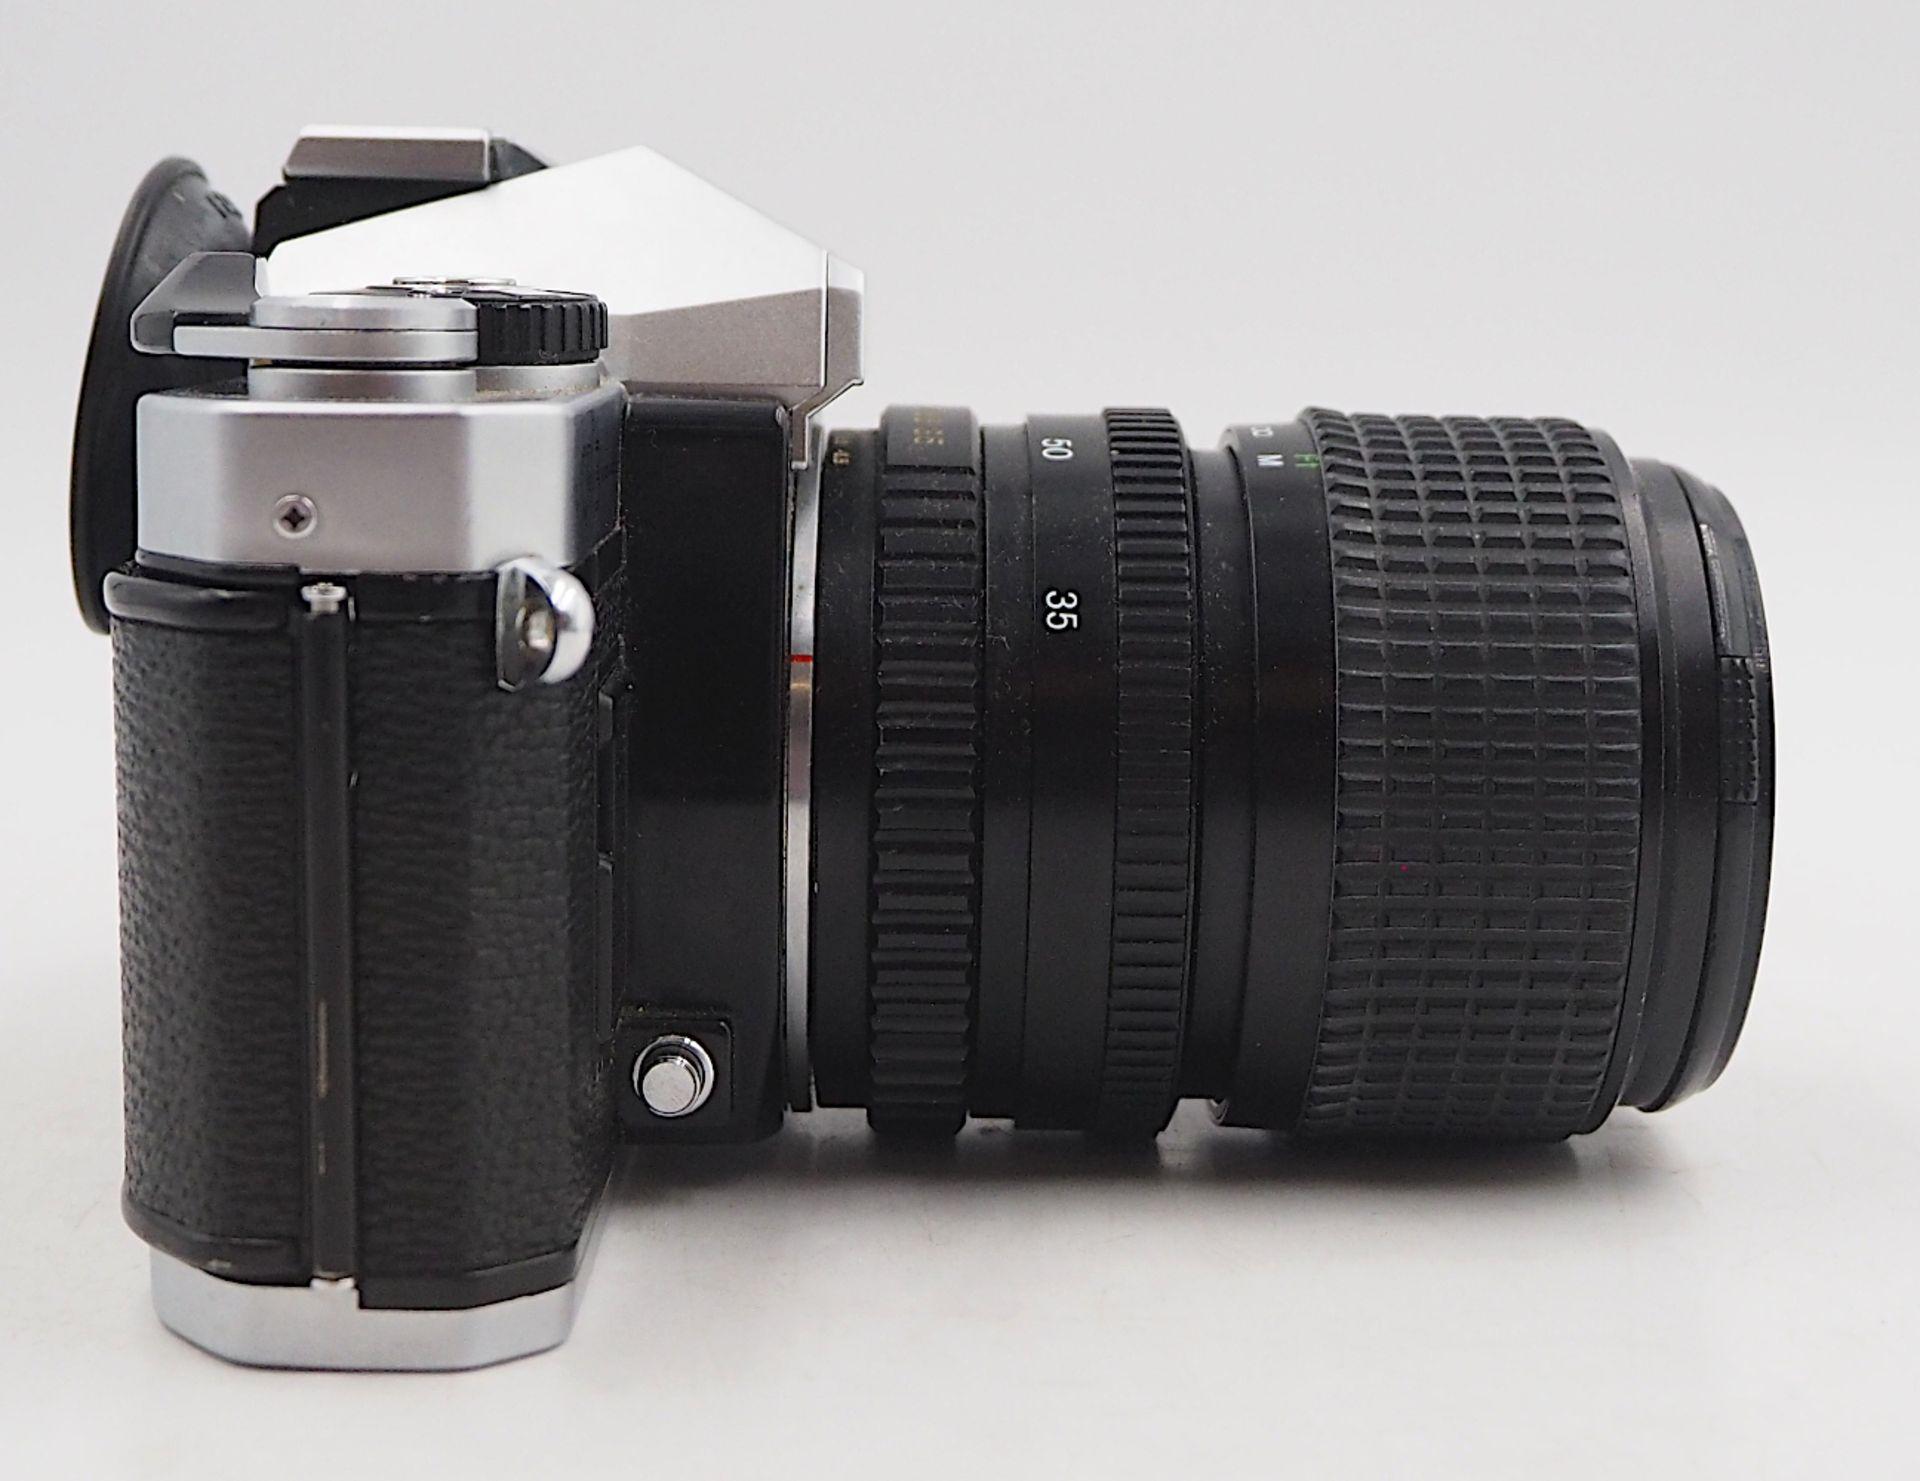 """1 Fotoapparat PORST """"CR-3 Automatic"""" mit Objektiv PORST """"Unizoom 1:3,5-4,5/35-70mm Mac - Bild 2 aus 6"""